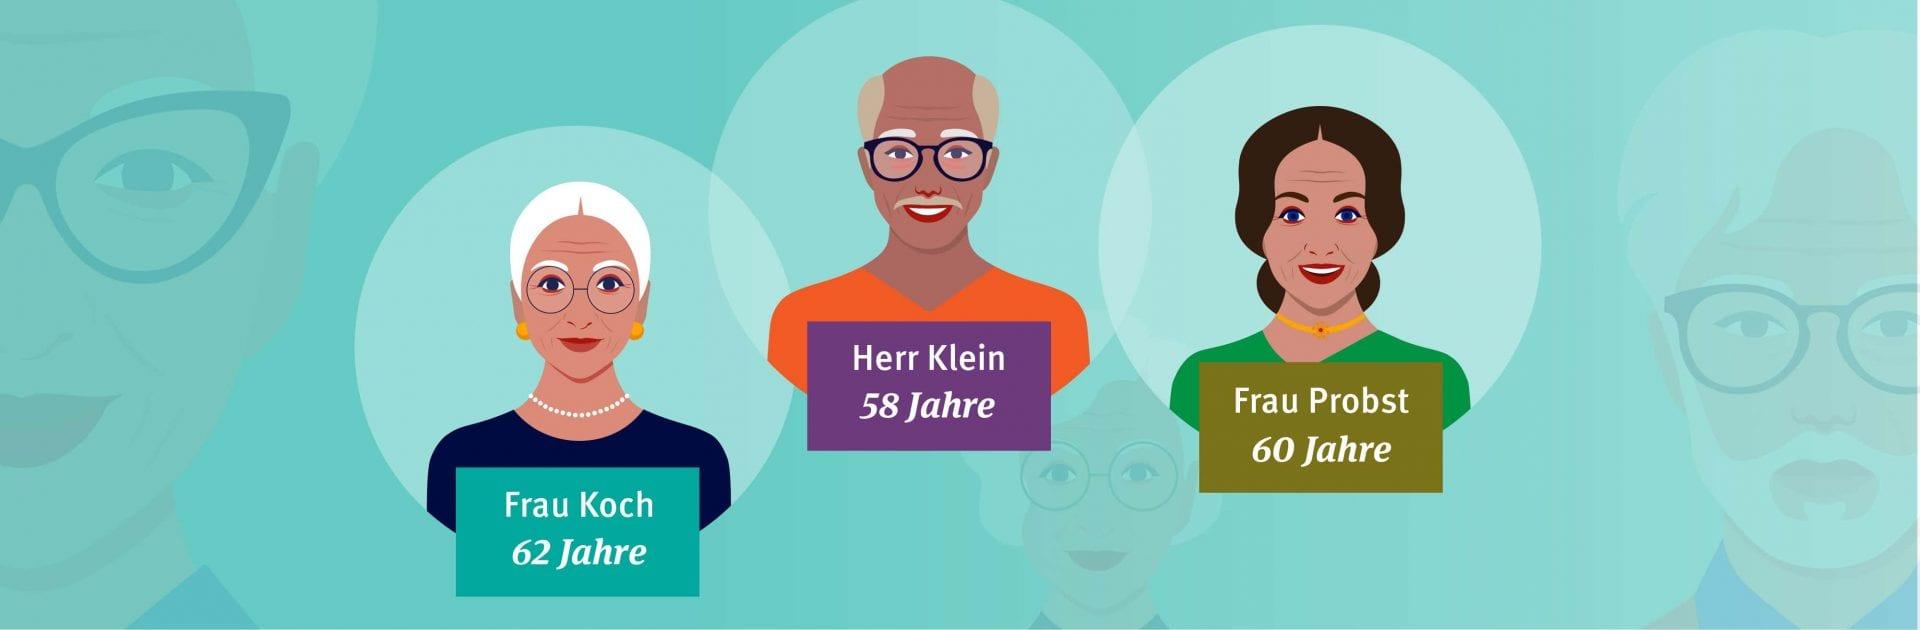 Müssen Arbeitgebende Altersteilzeit gewähren?